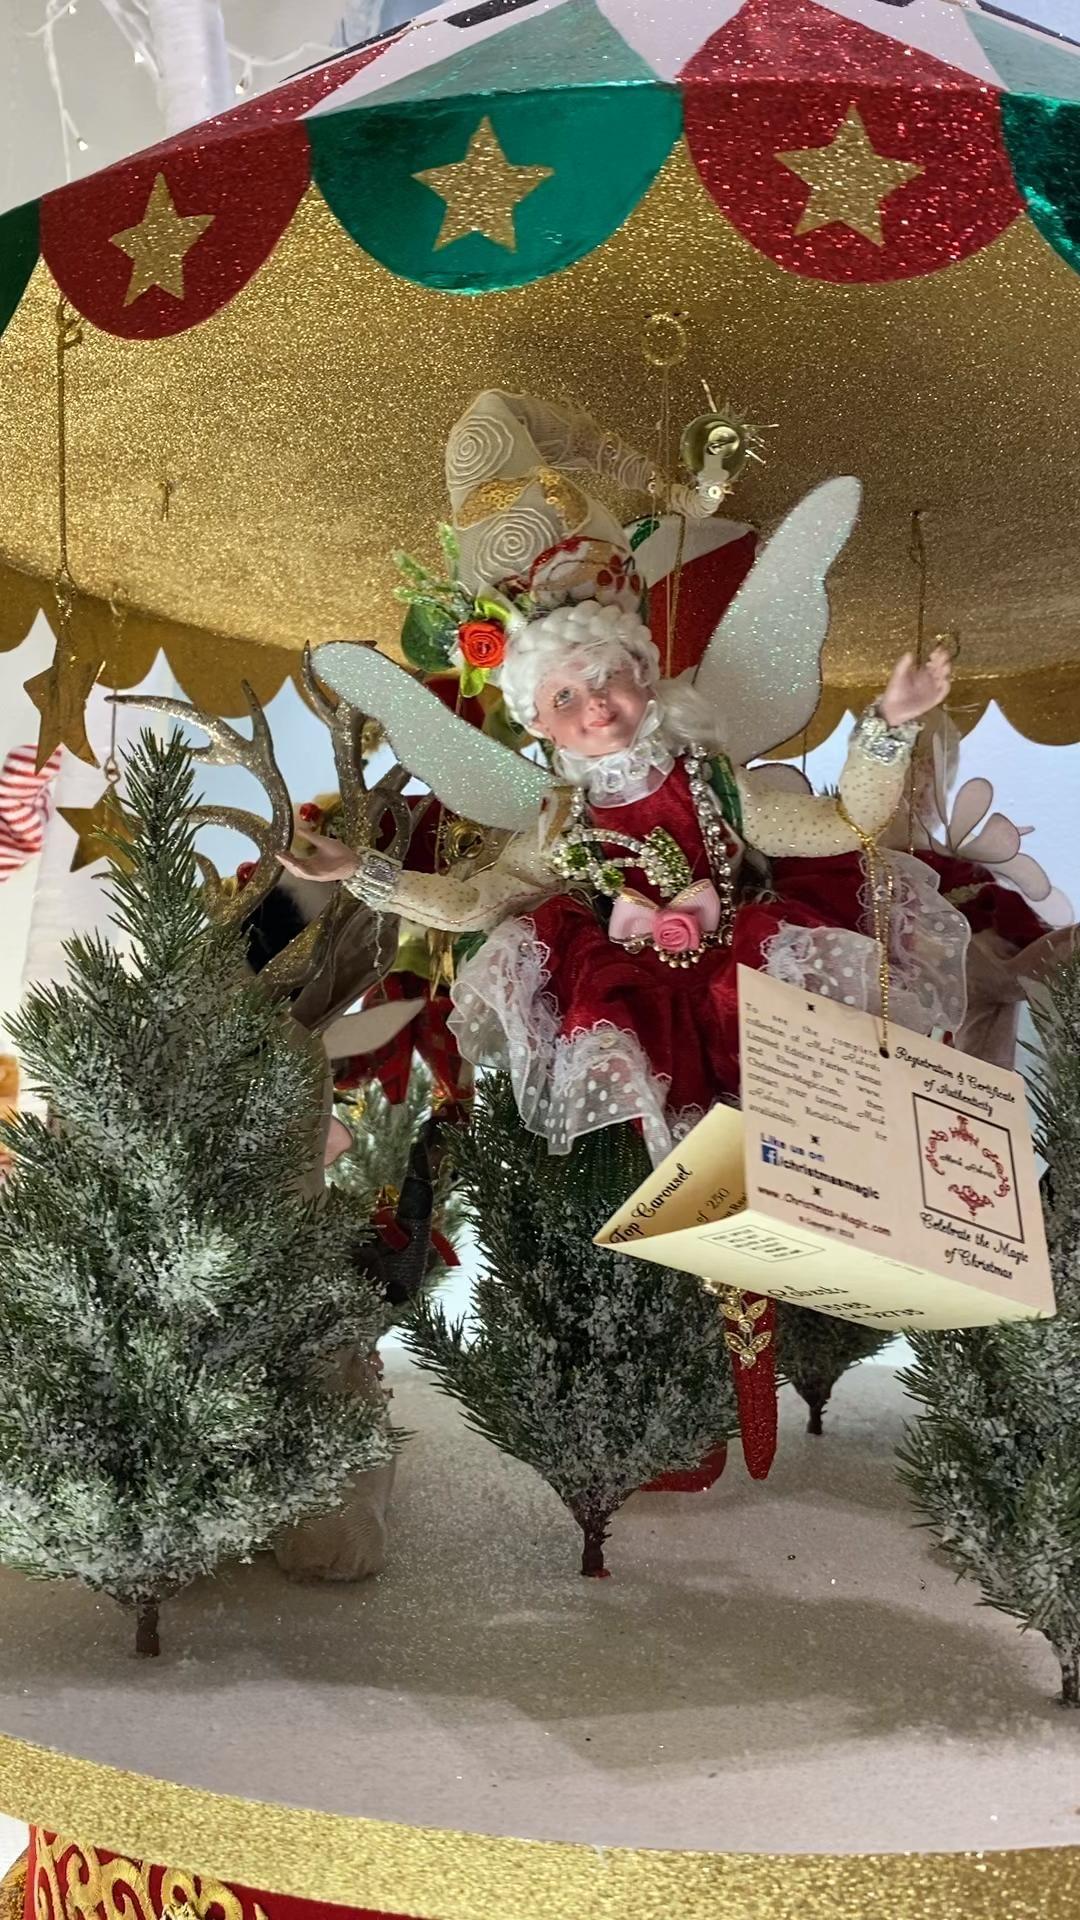 Includes limited edition fairies! #carousel #christmasdecor #markroberts #christmasdecorationideas    #mechanical